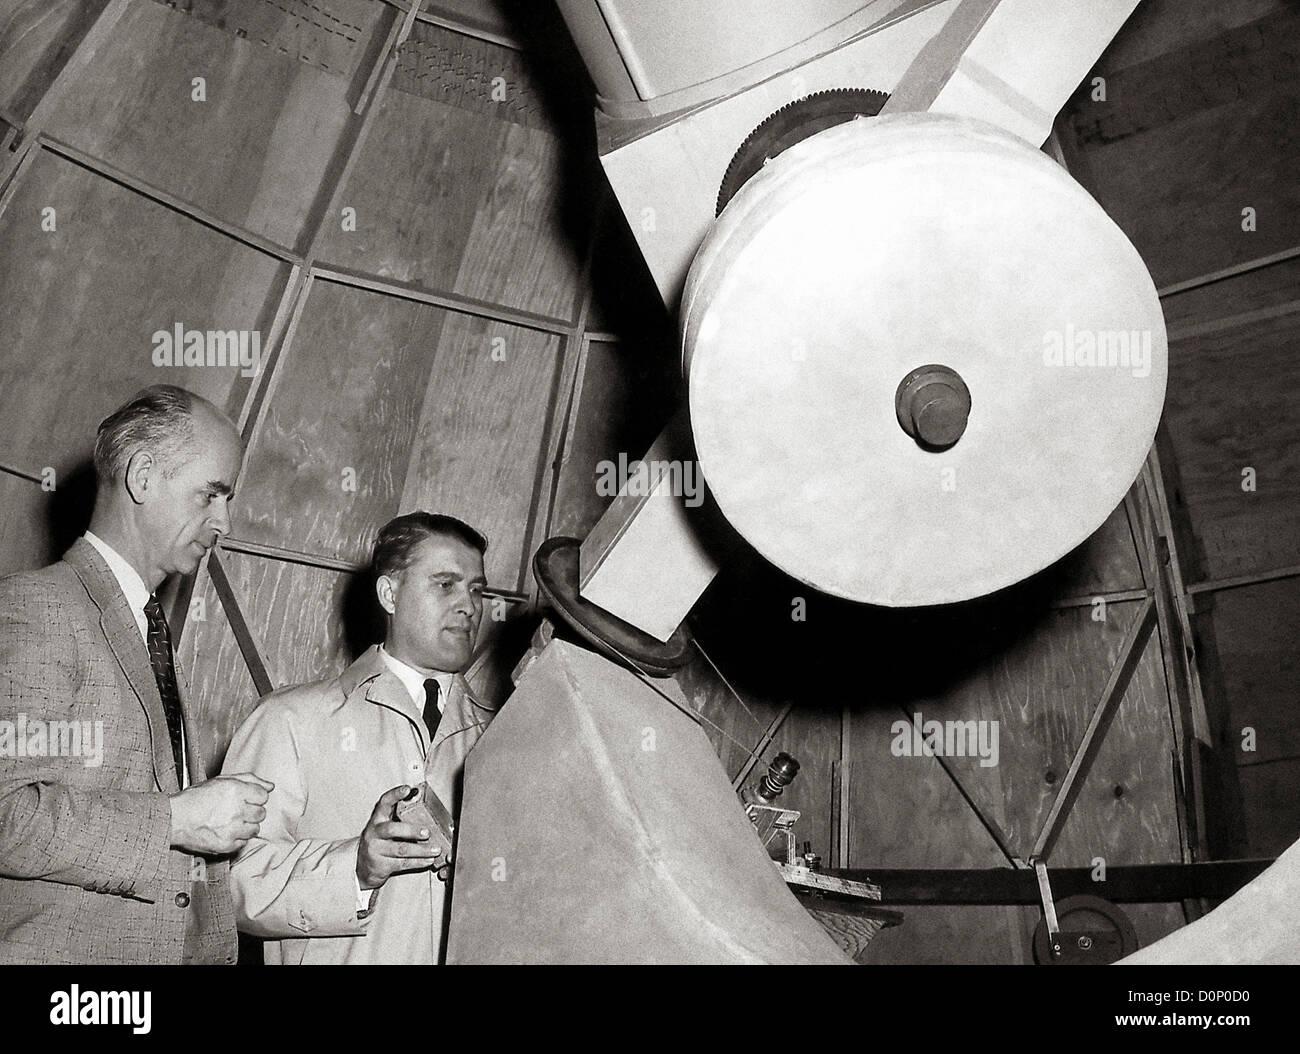 Wernher von Braun in Observatory - Stock Image